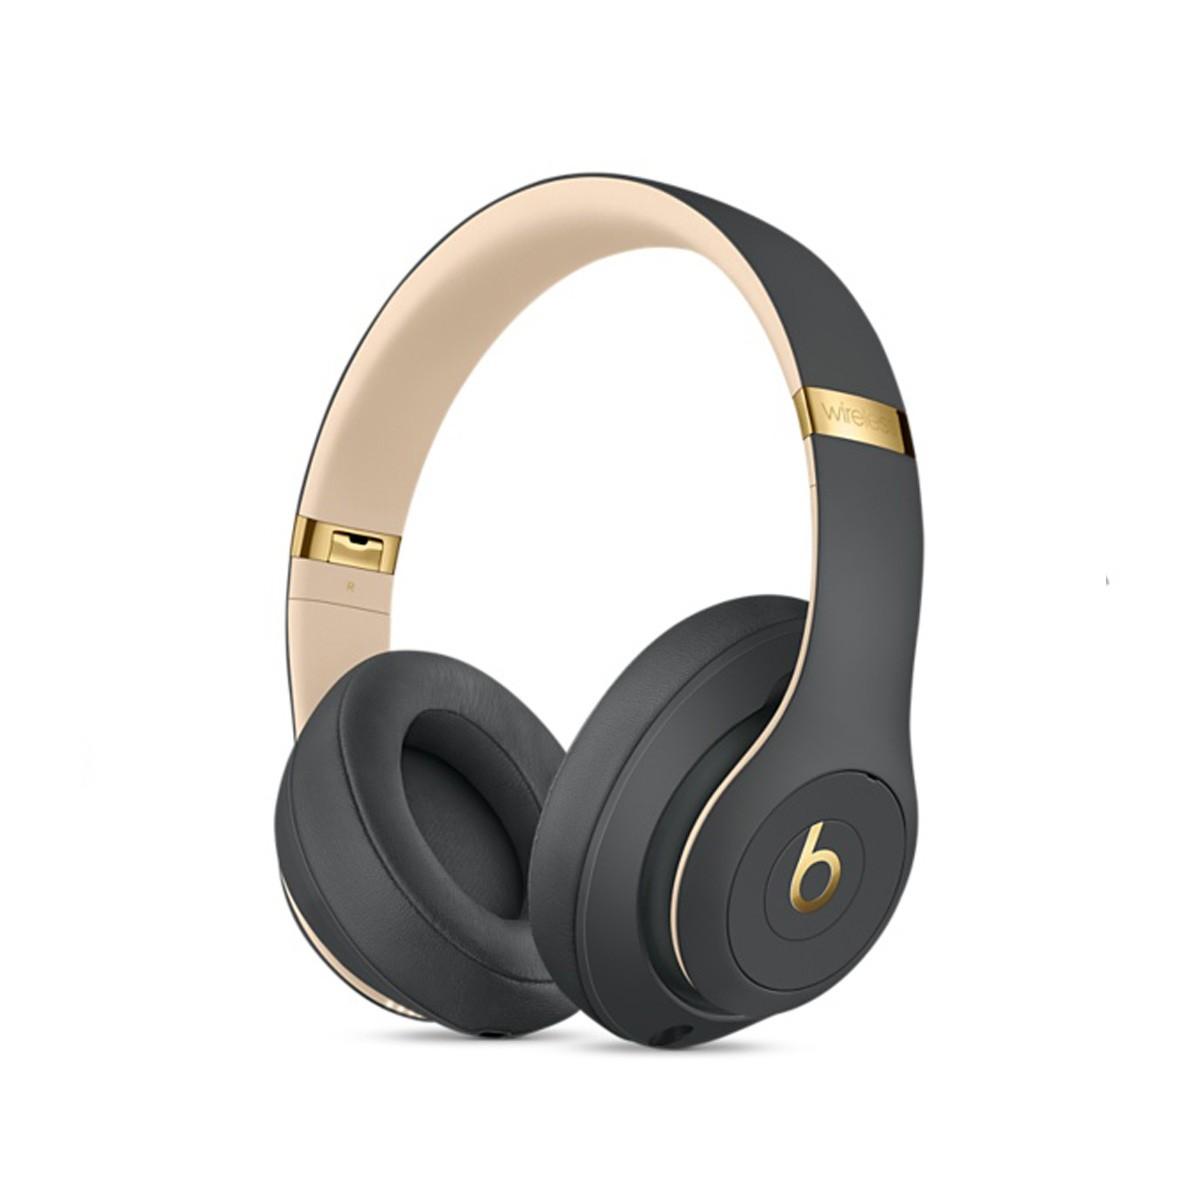 Sluchátka Beats Studio3 Wireless na uši – stínově šedá